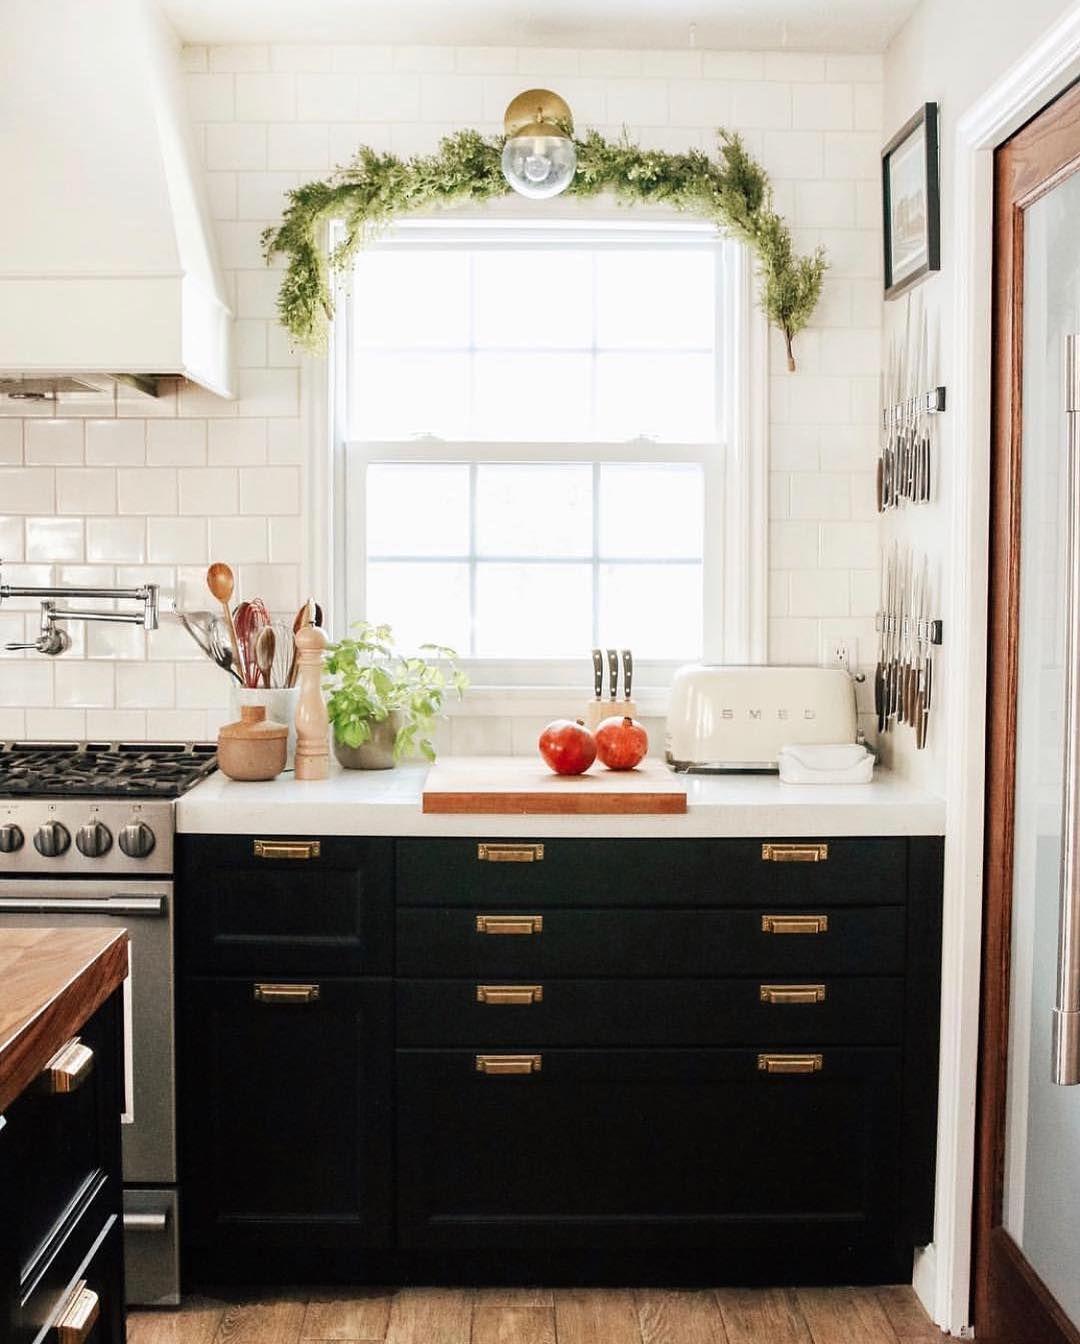 Pin By Cedar Moss On Future Home Ideas In 2020 Ikea Kitchen Design Ikea Kitchen Kitchen Tools Design